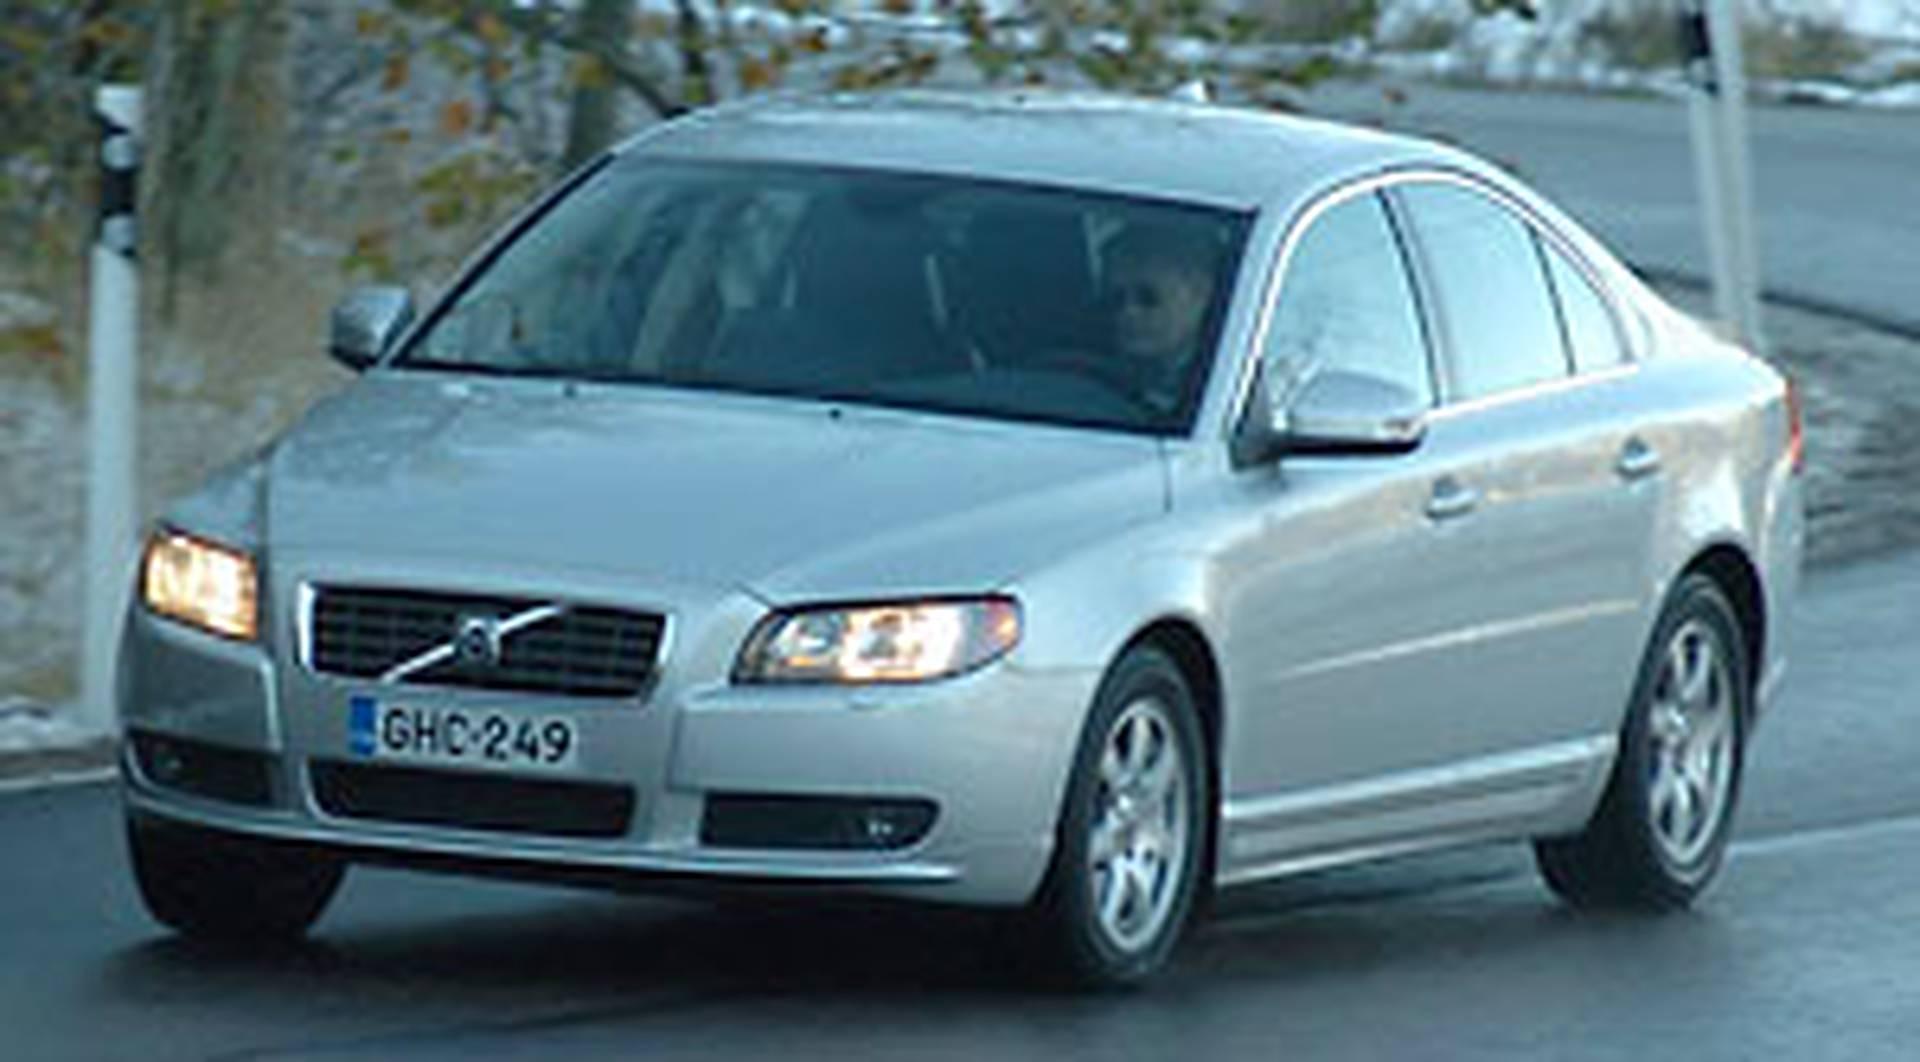 Volvo S80 2 5t Tyynen Arvokkaasti Autot Ilta Sanomat